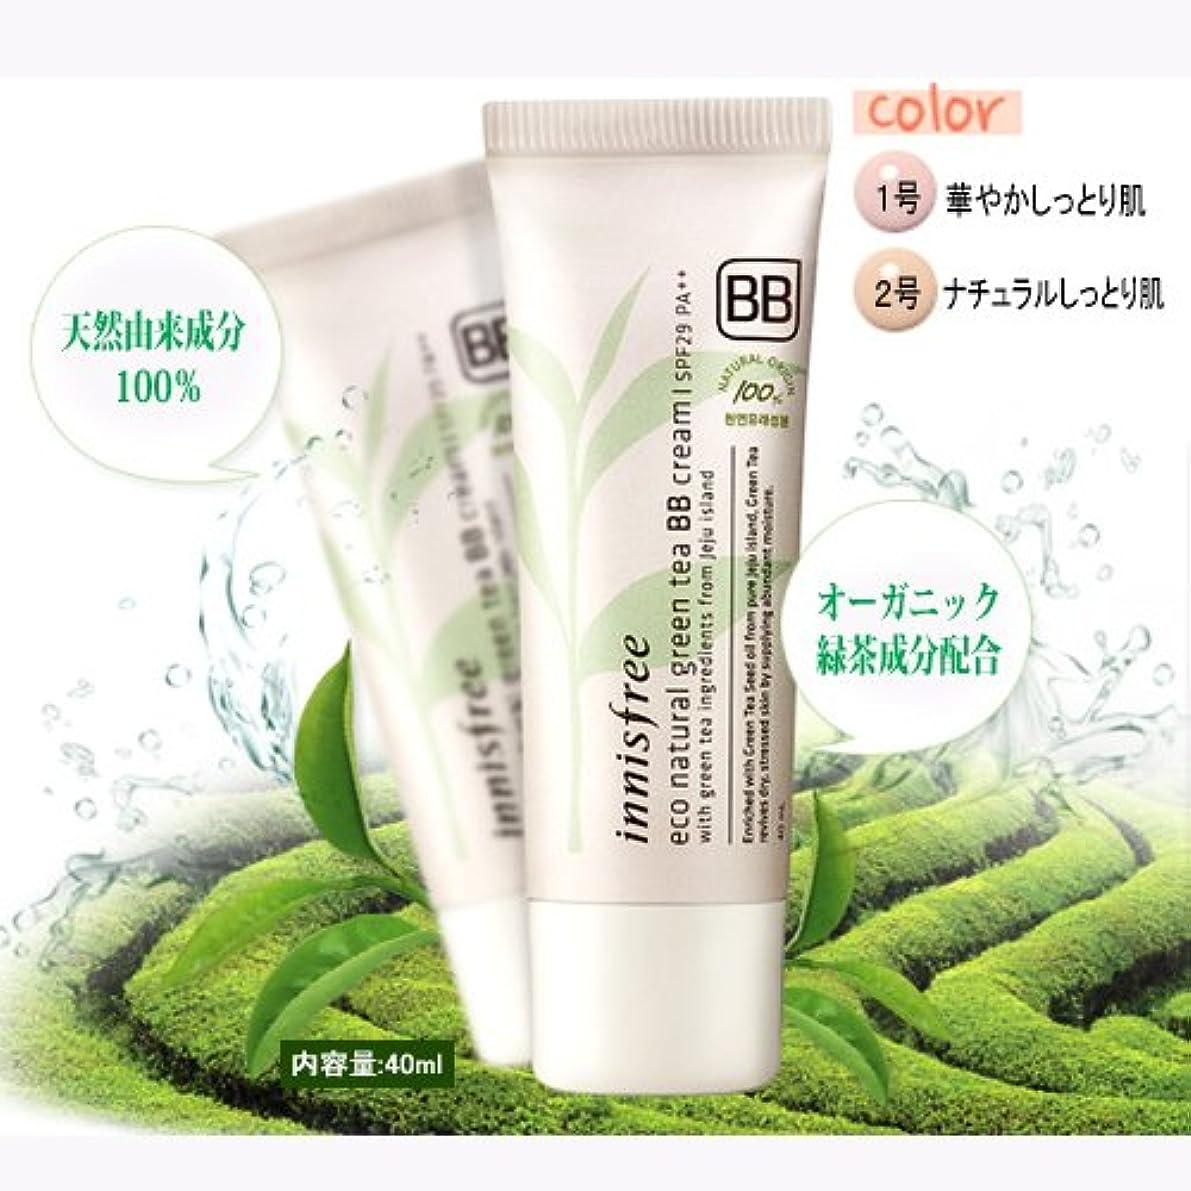 苛性最大化する避けるinnisfree/イニスフリー Eco Natural Green Tea BB Cream #02/エコナチュラルグリーンティーBBクリームナチュラルなしっとりお肌 SPF29PA++40ml